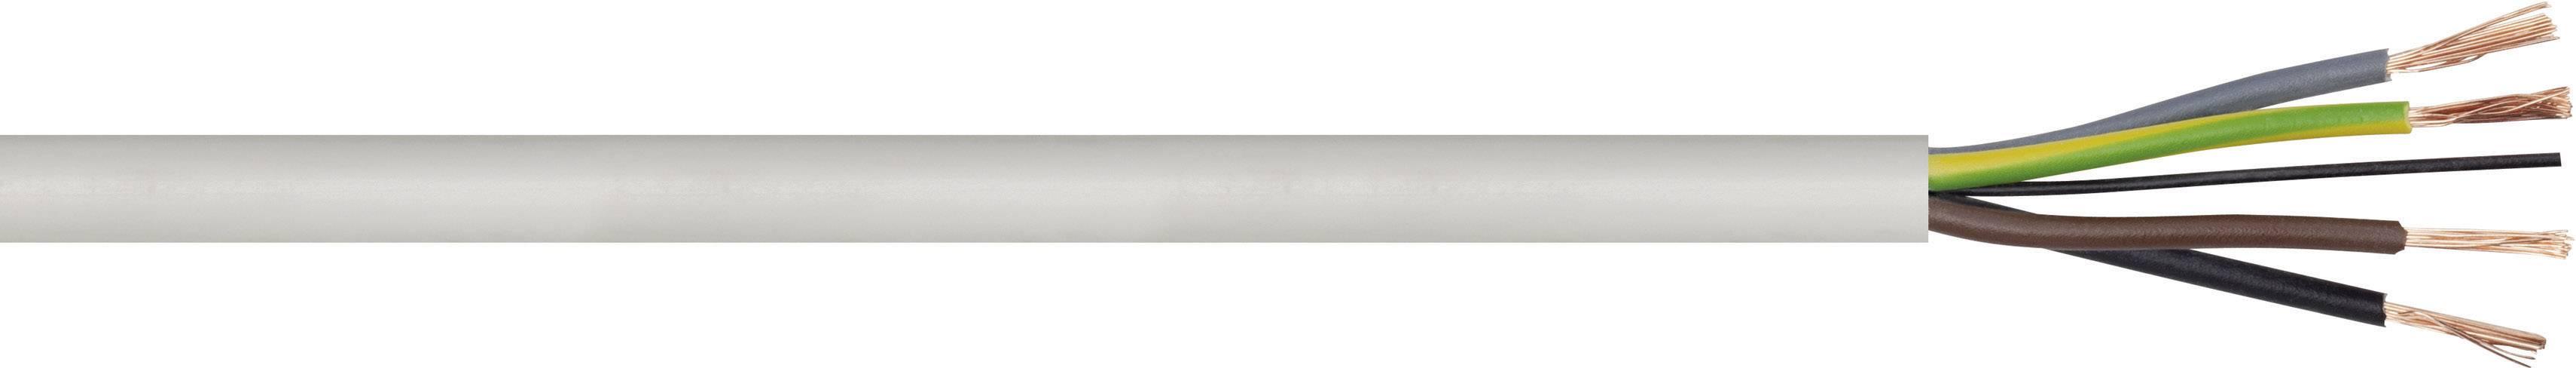 Vícežílový kabel LappKabel H03VV-F, 1601211, 4 G 0.75 mm², černá, metrové zboží